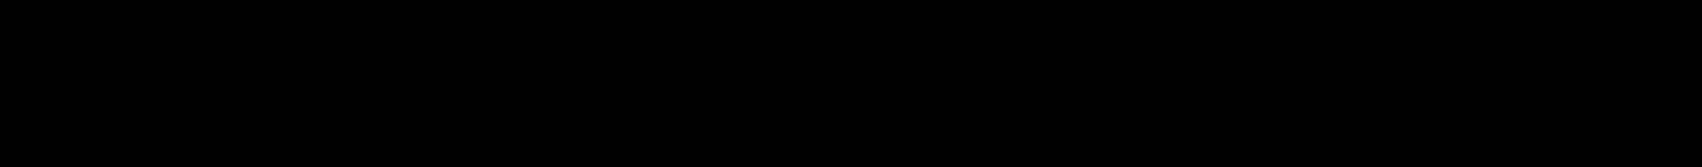 NY equation.png